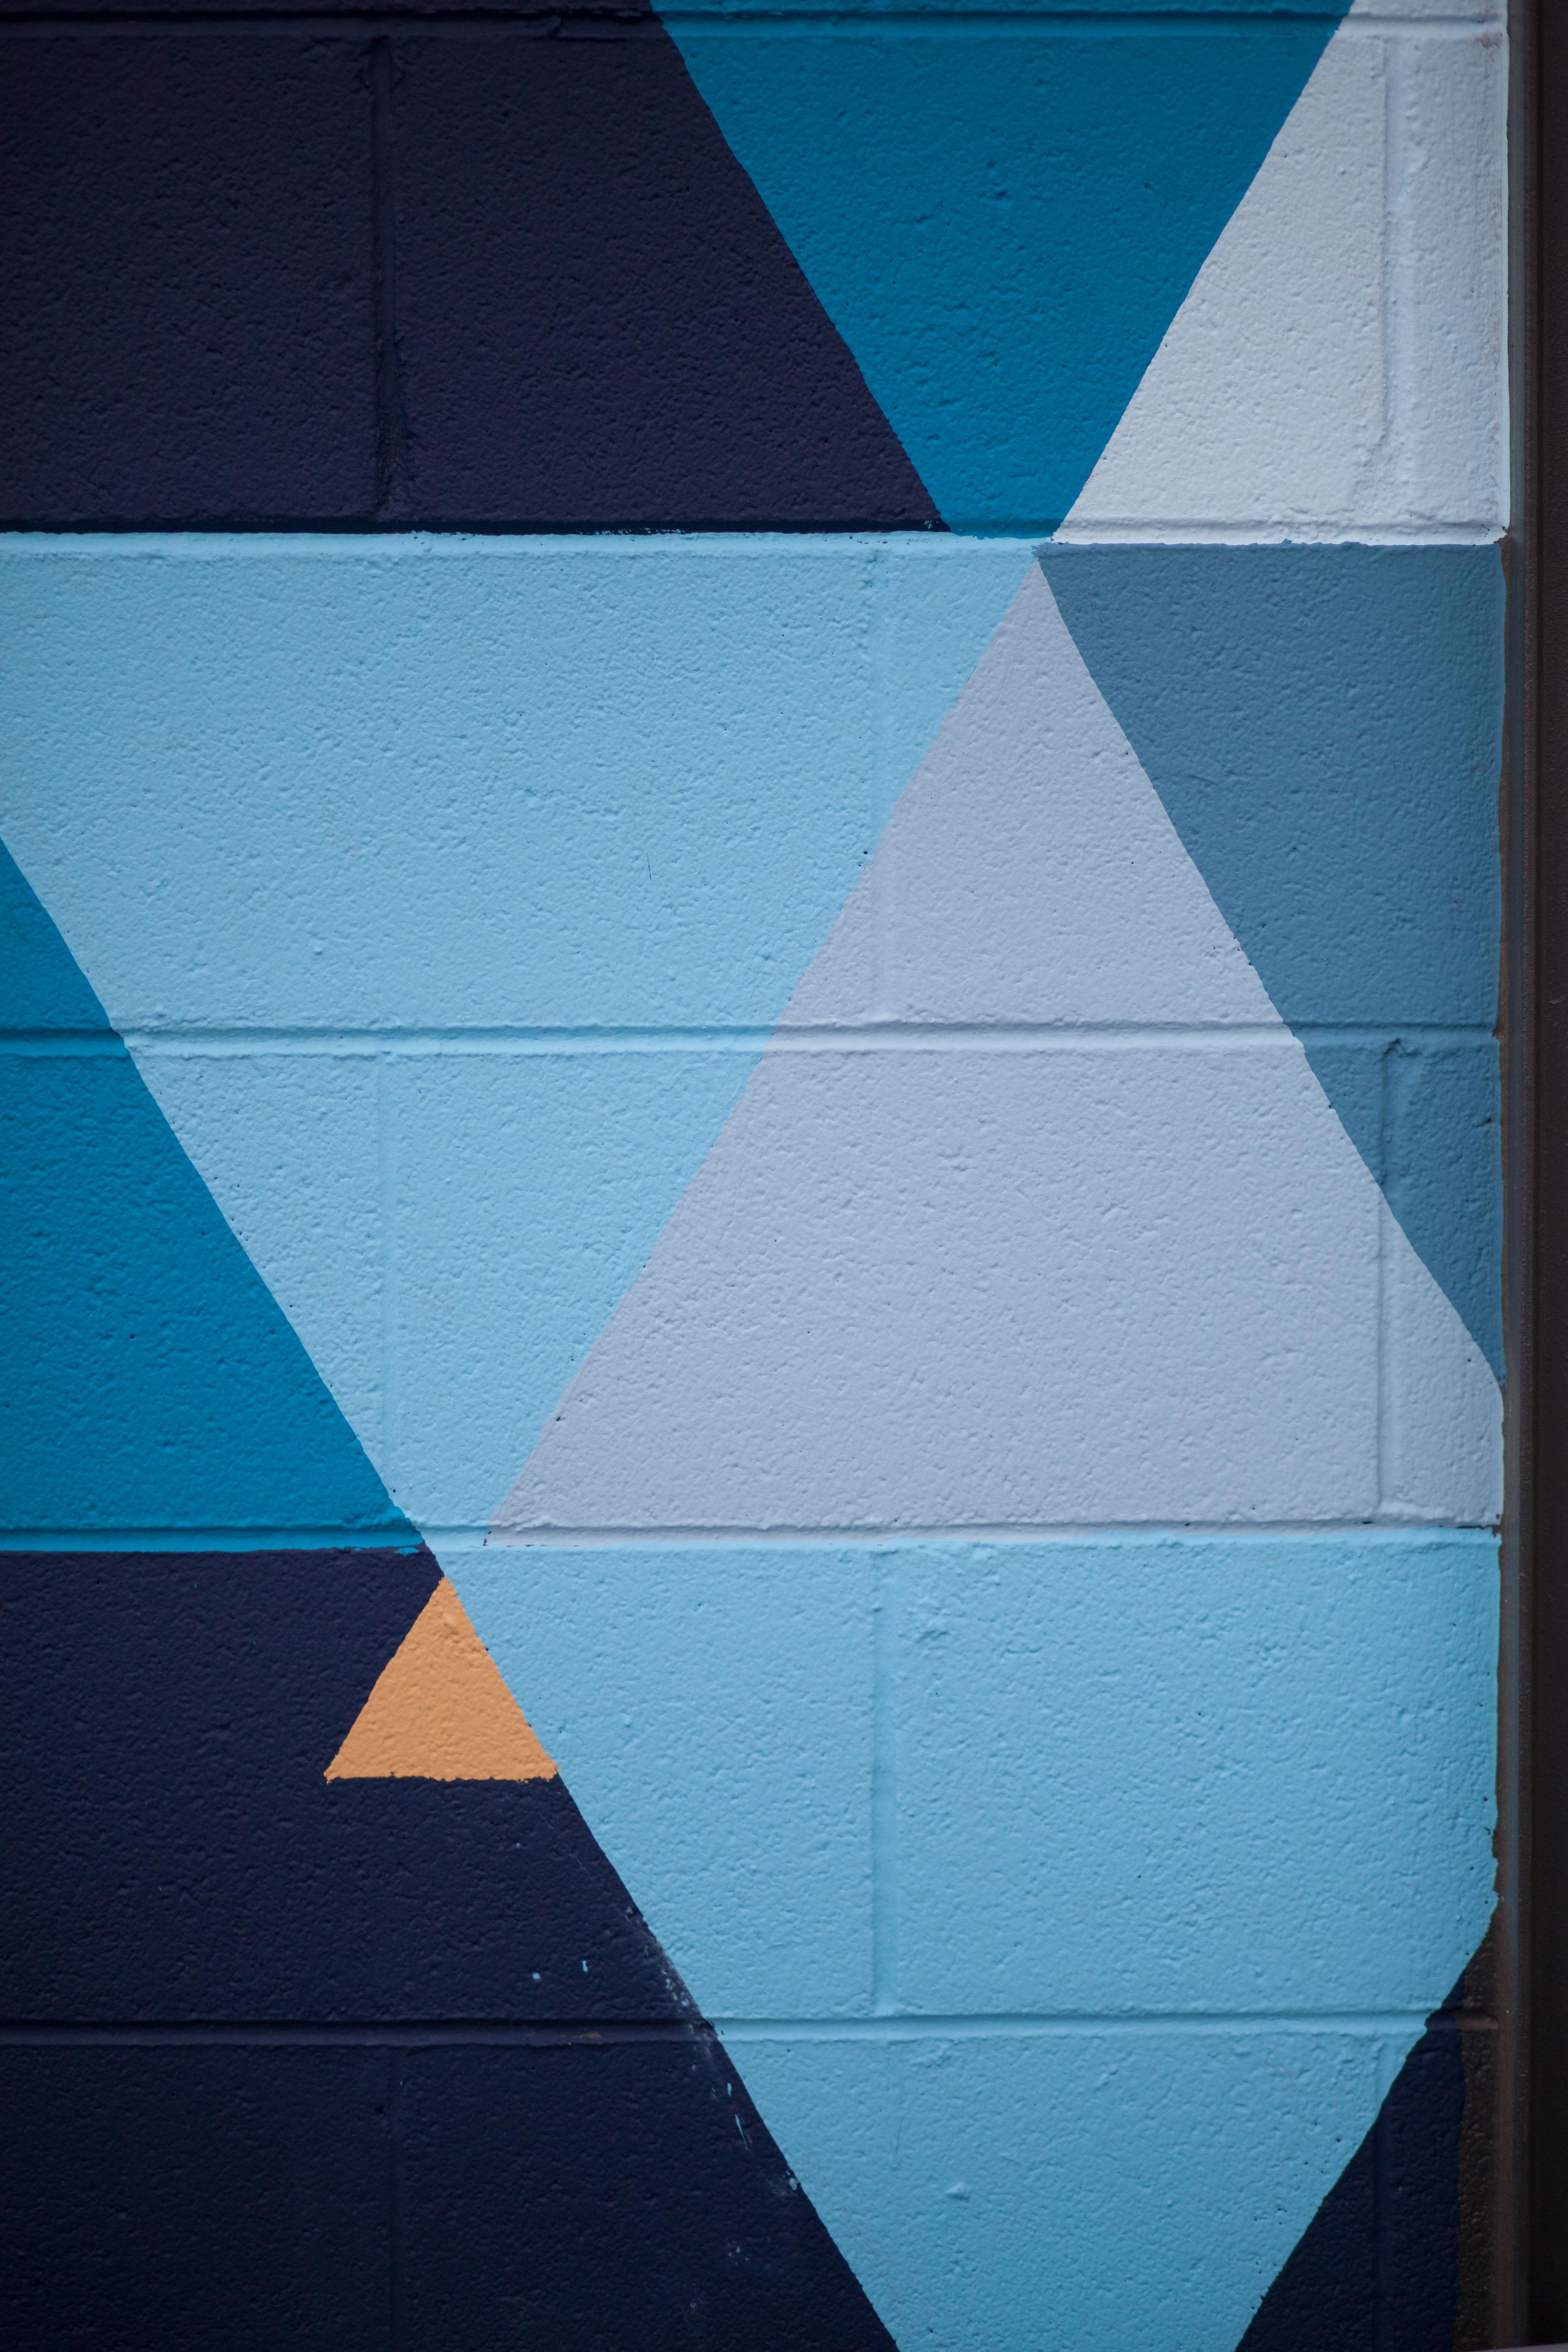 1023-Murals-51.jpg